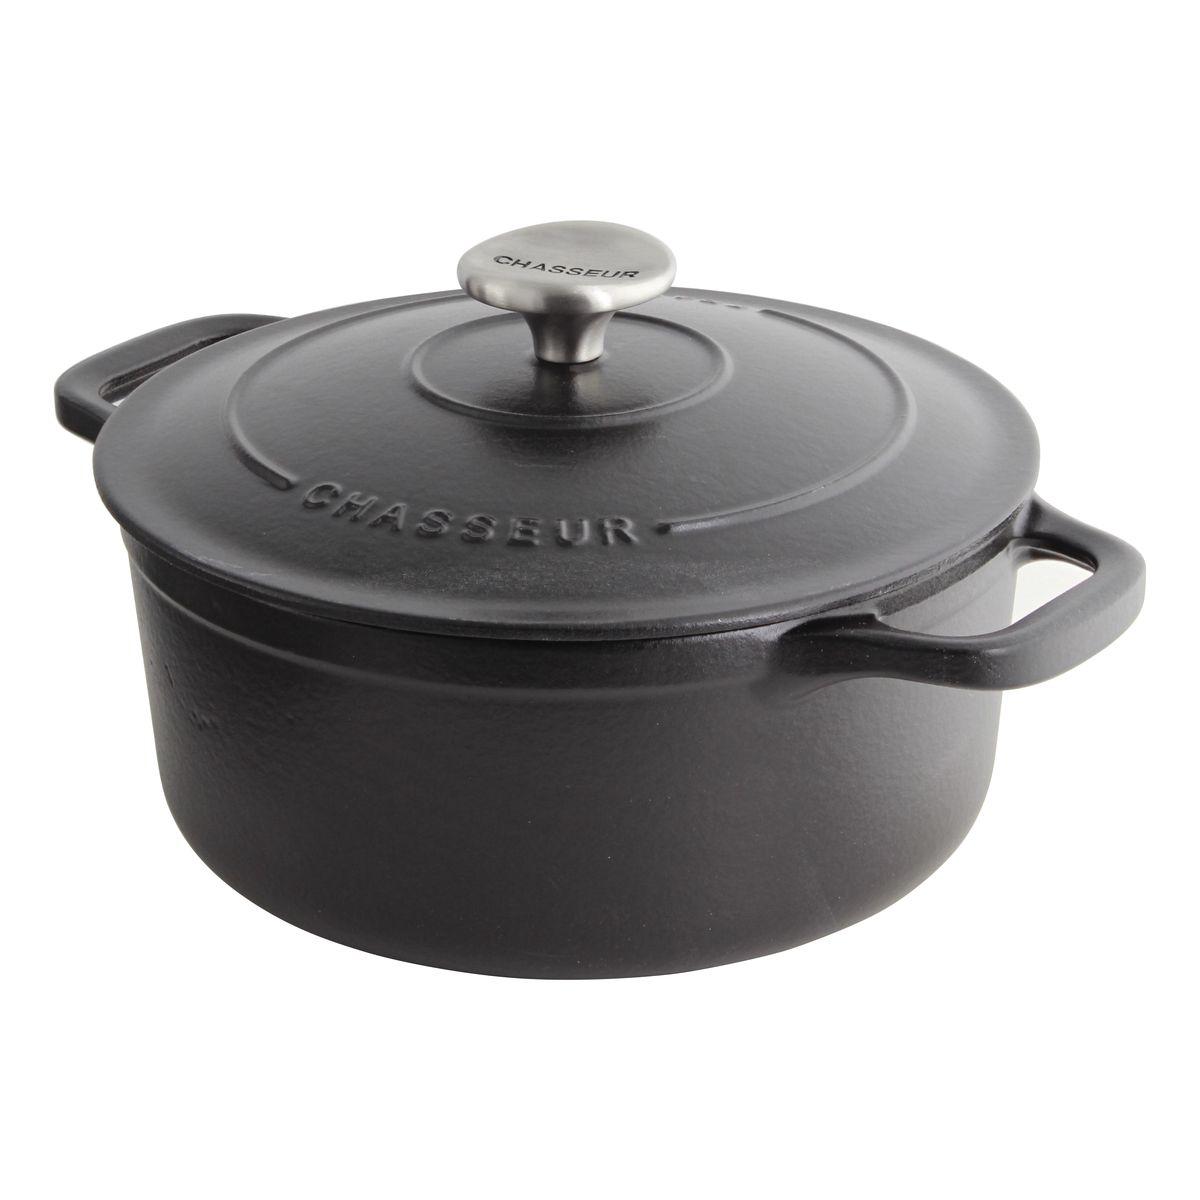 Cocotte en fonte ronde 20 cm 2.4L noire - Le Chasseur